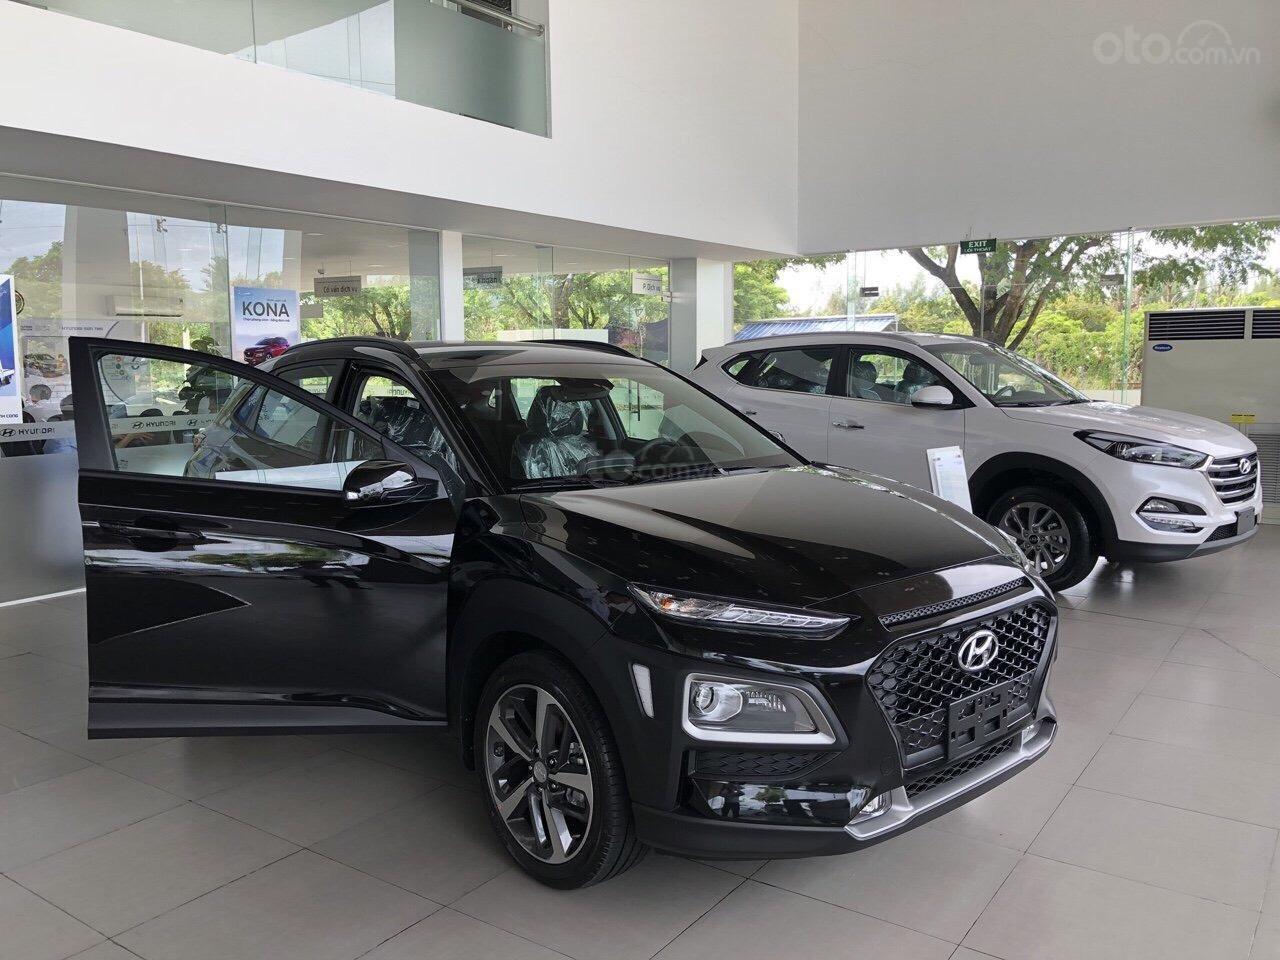 Cần bán Hyundai Kona 2019, tặng ngay 3 món phụ kiện khi đặt cọc xe, liên hệ: 0905976950 (3)